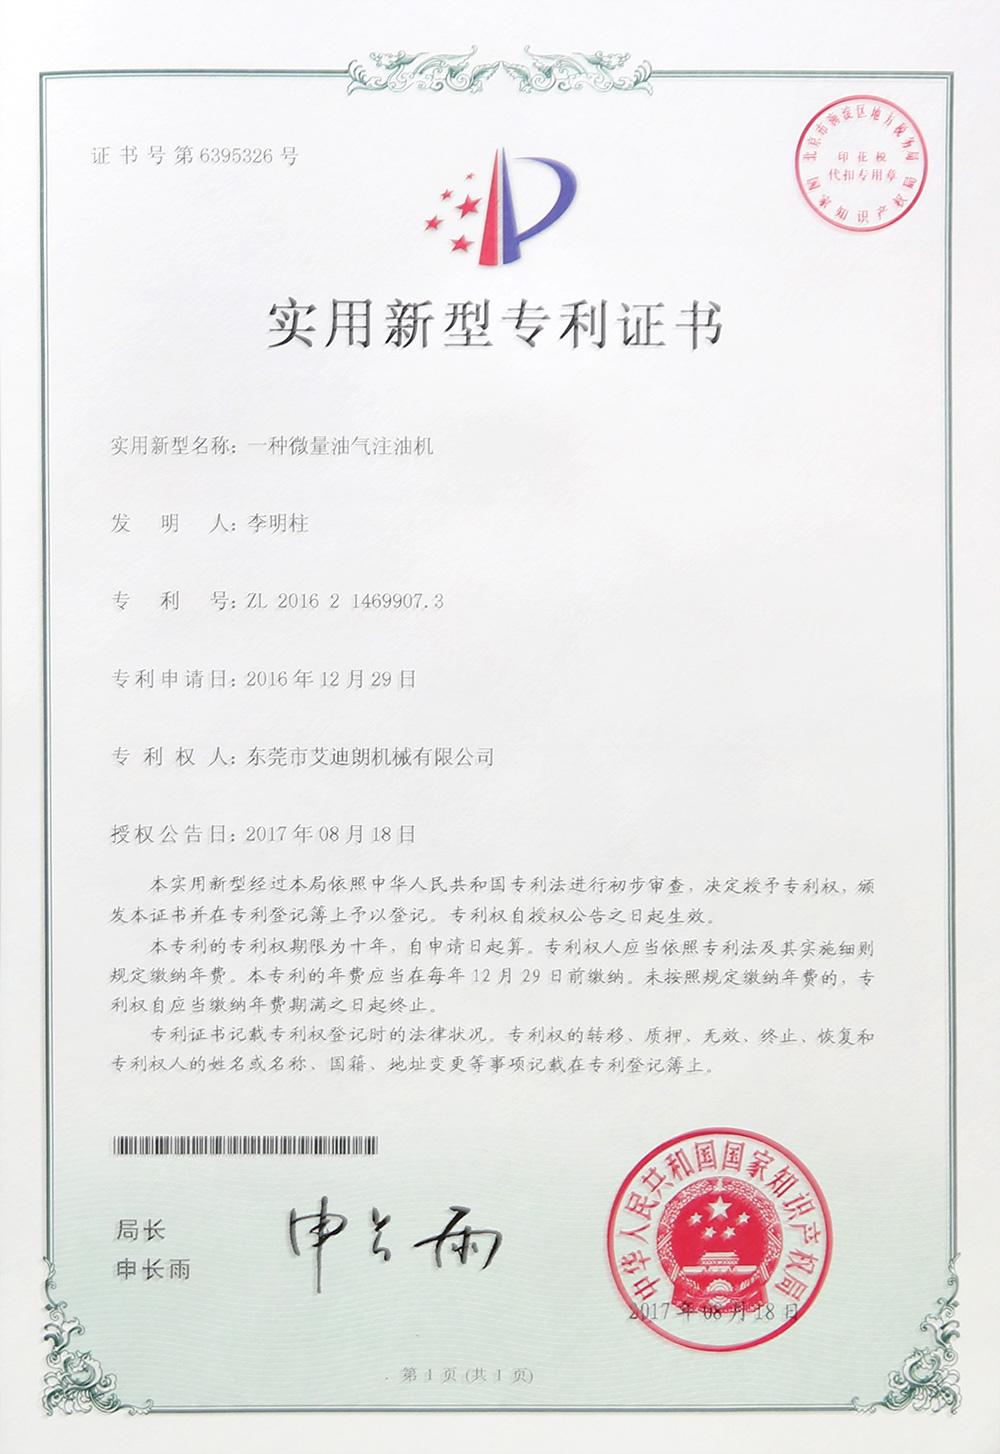 技术专利 (4)